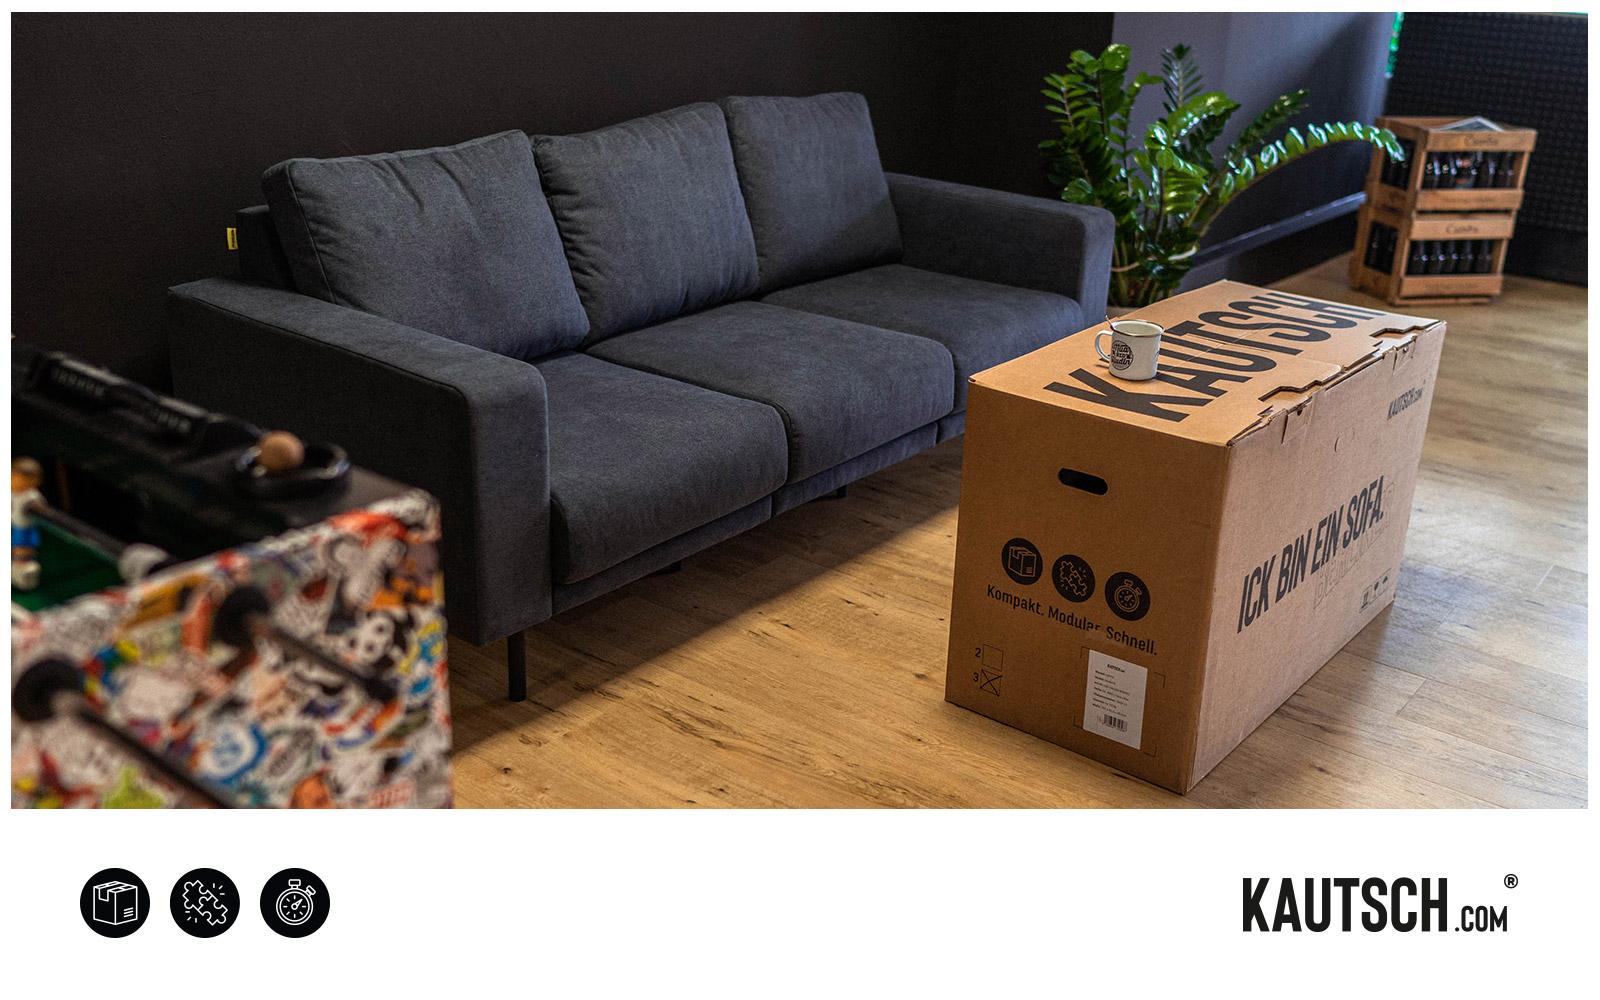 KAUTSCH.com – Karton als Beistelltisch